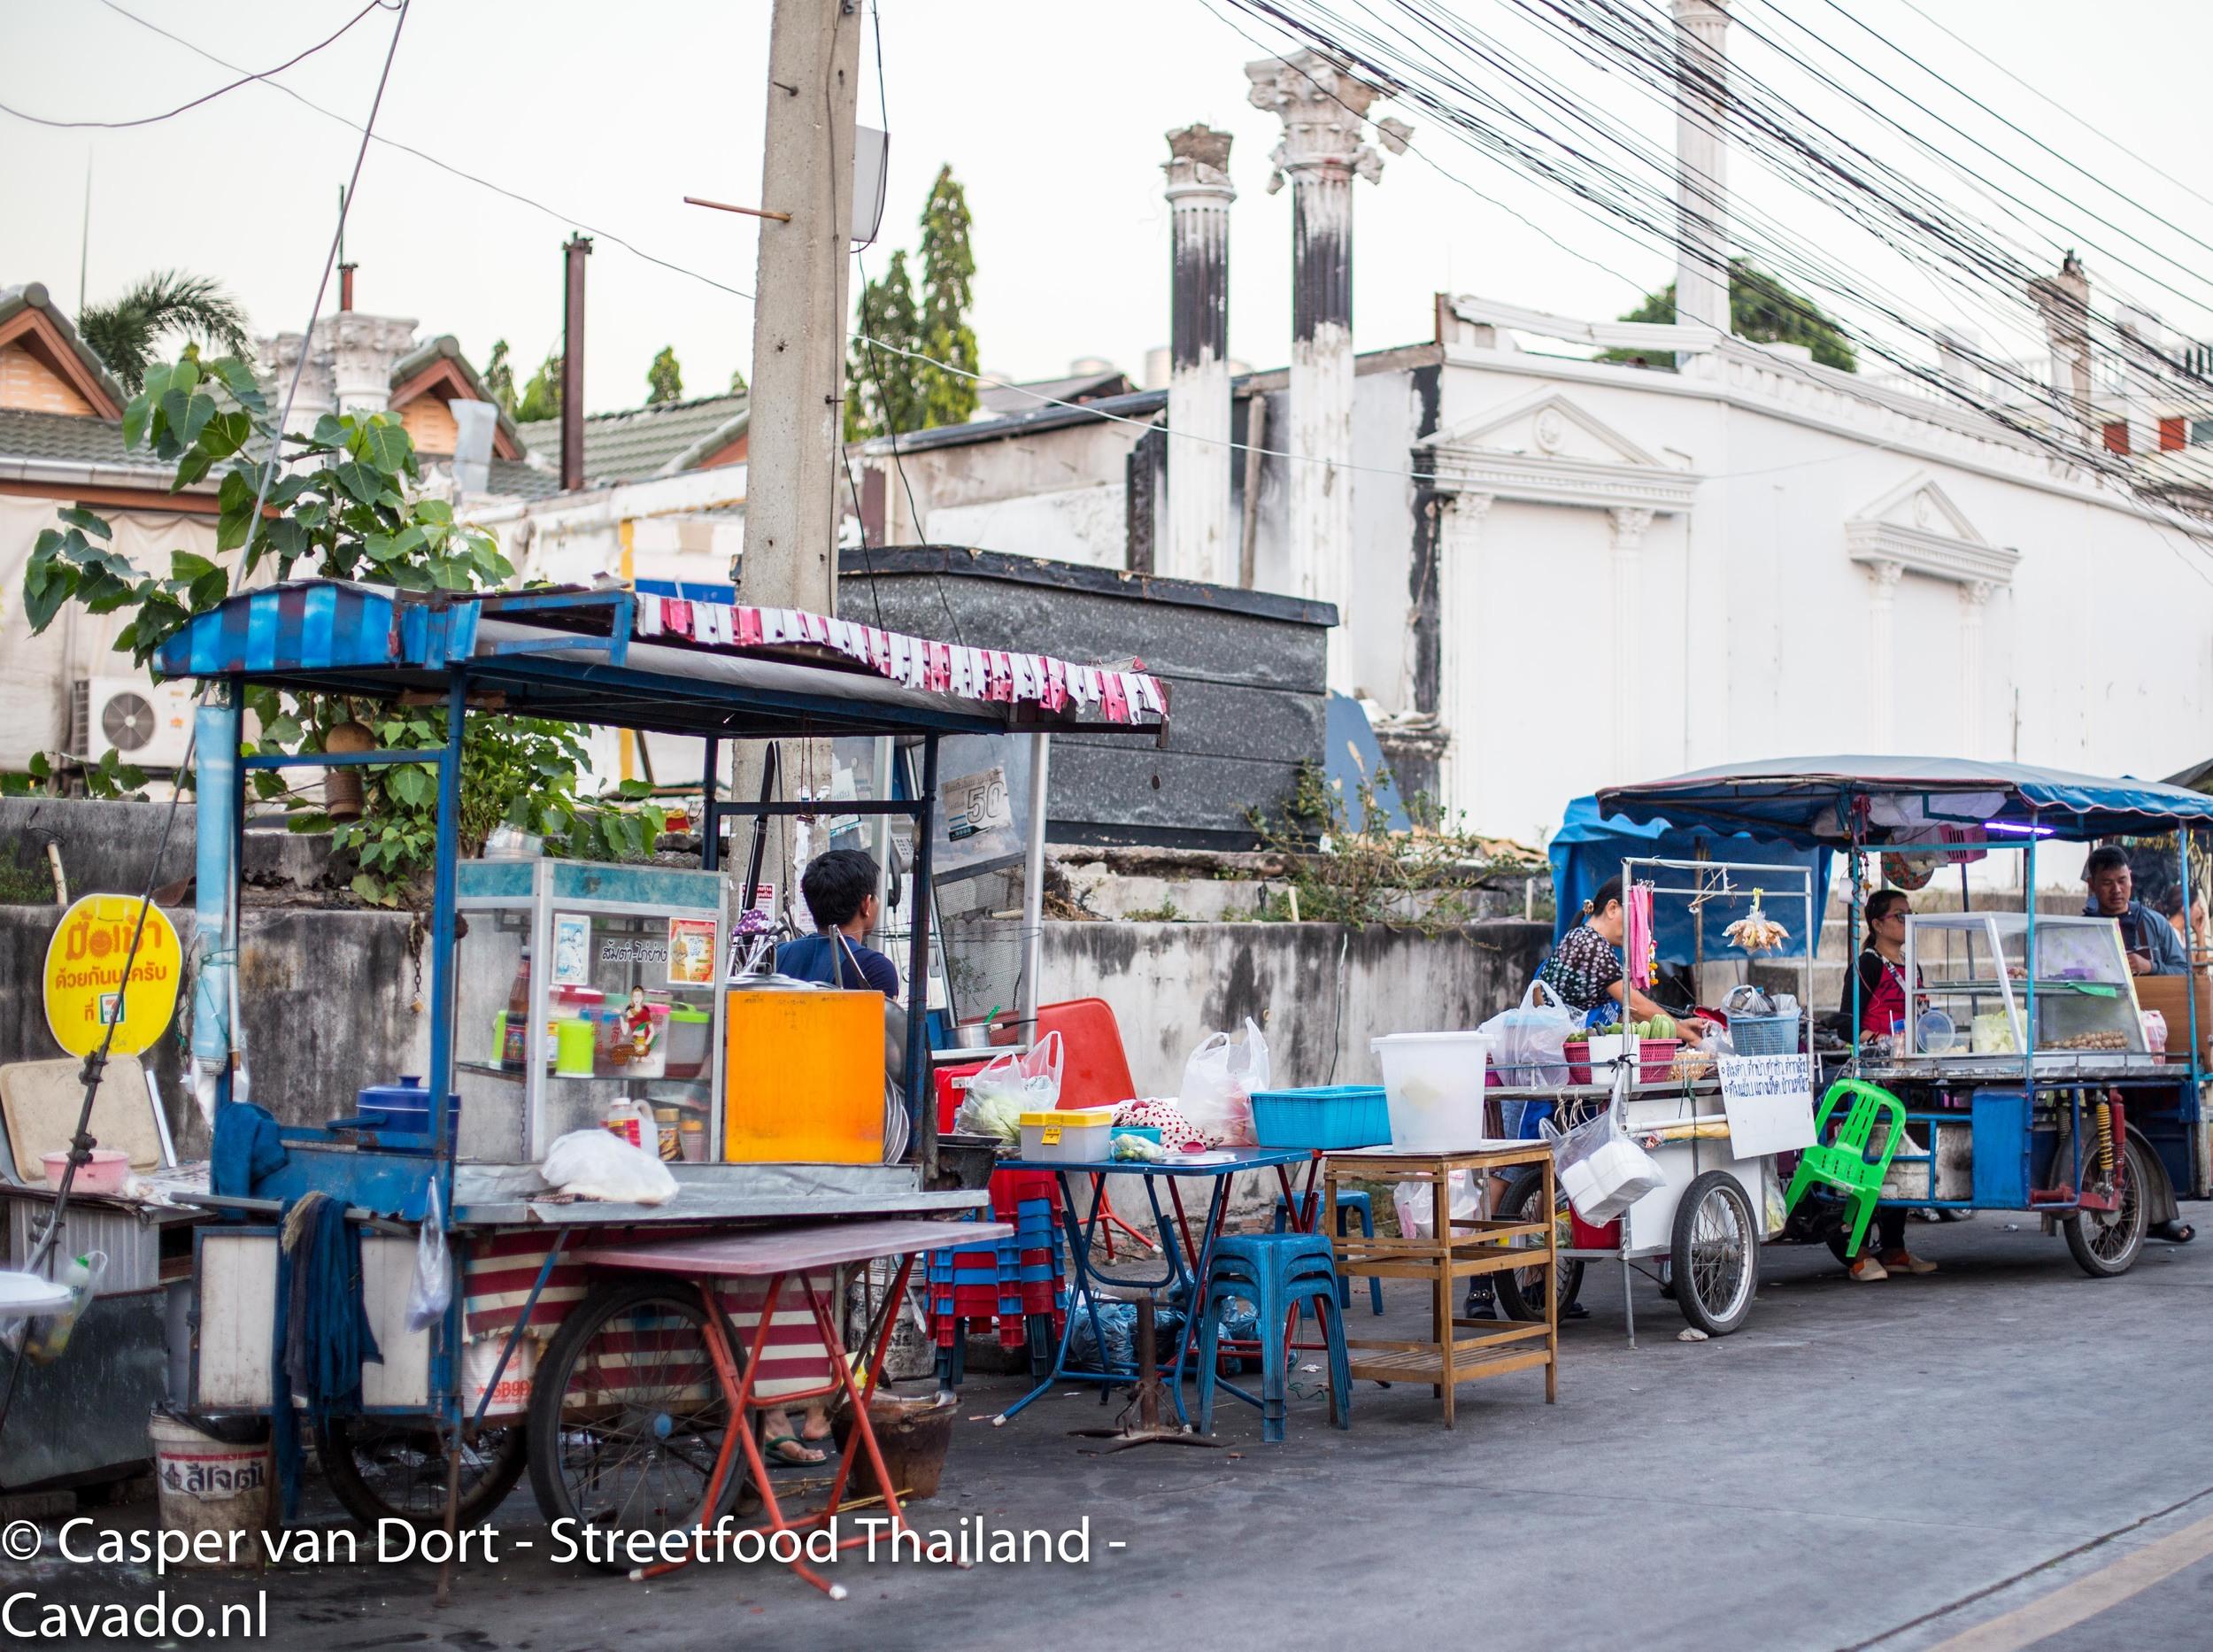 Thailand Streetfood-13.jpg